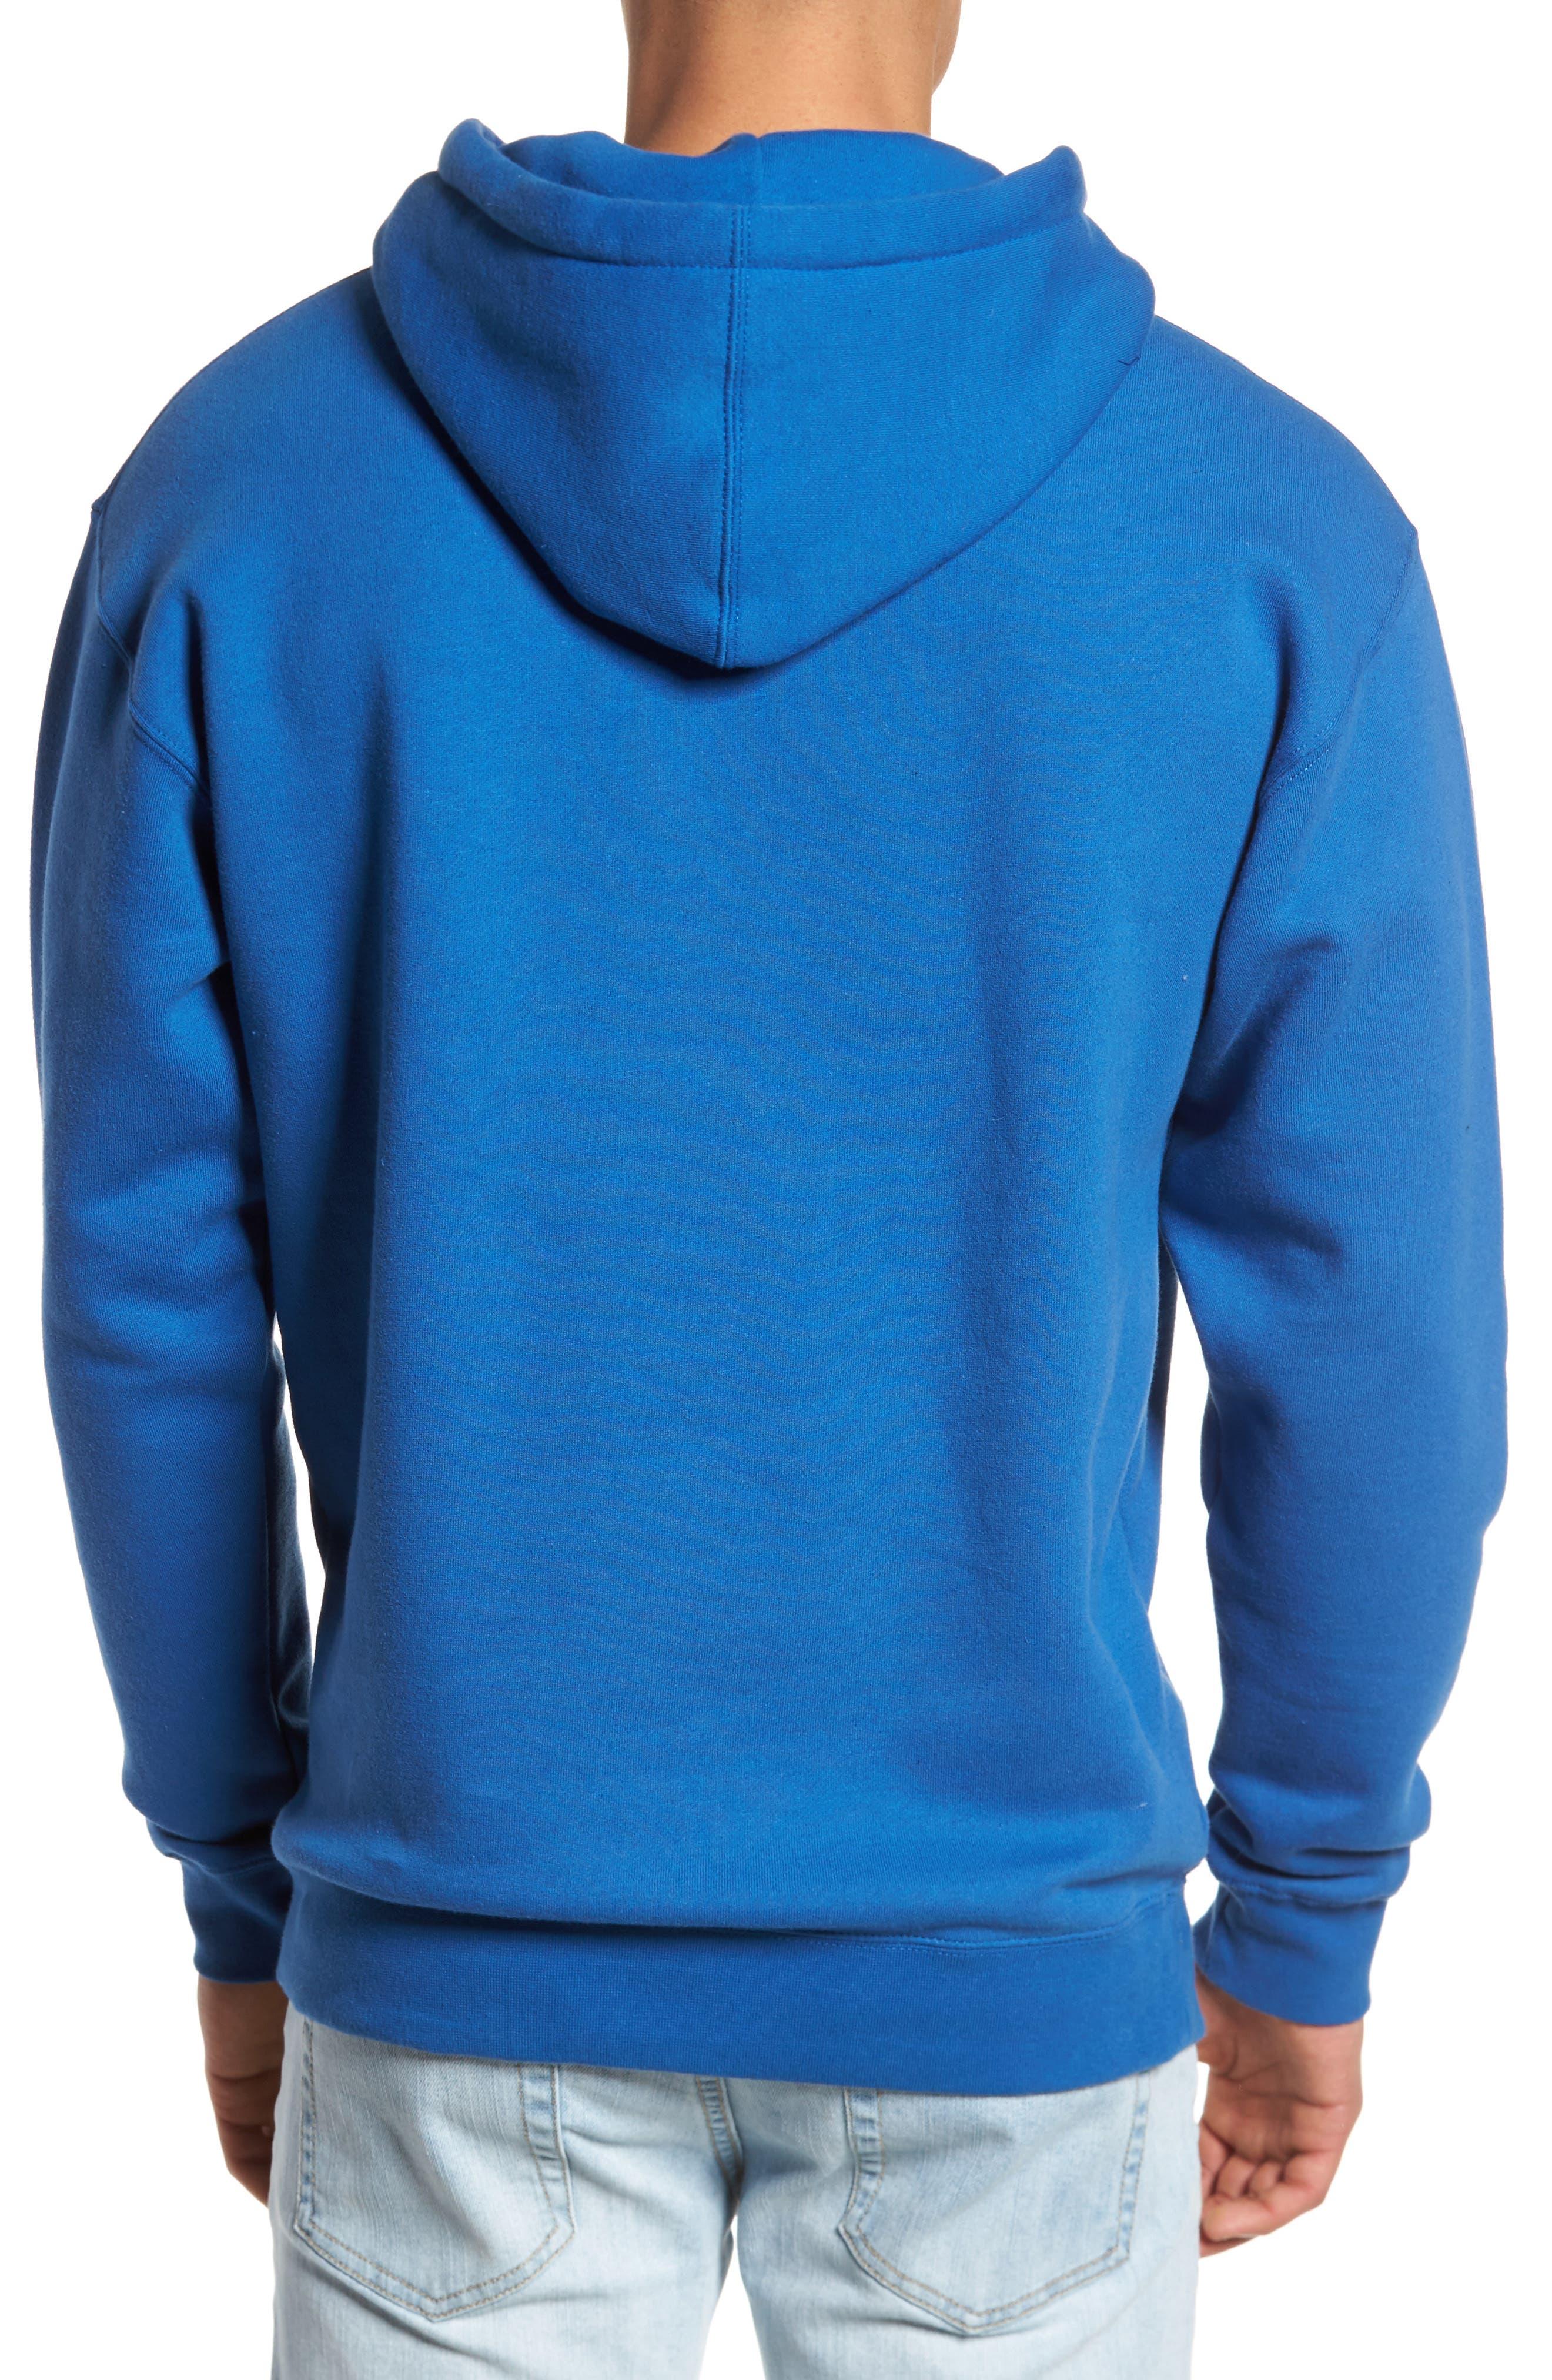 Alternate Reality Hoodie Sweatshirt,                             Alternate thumbnail 2, color,                             435